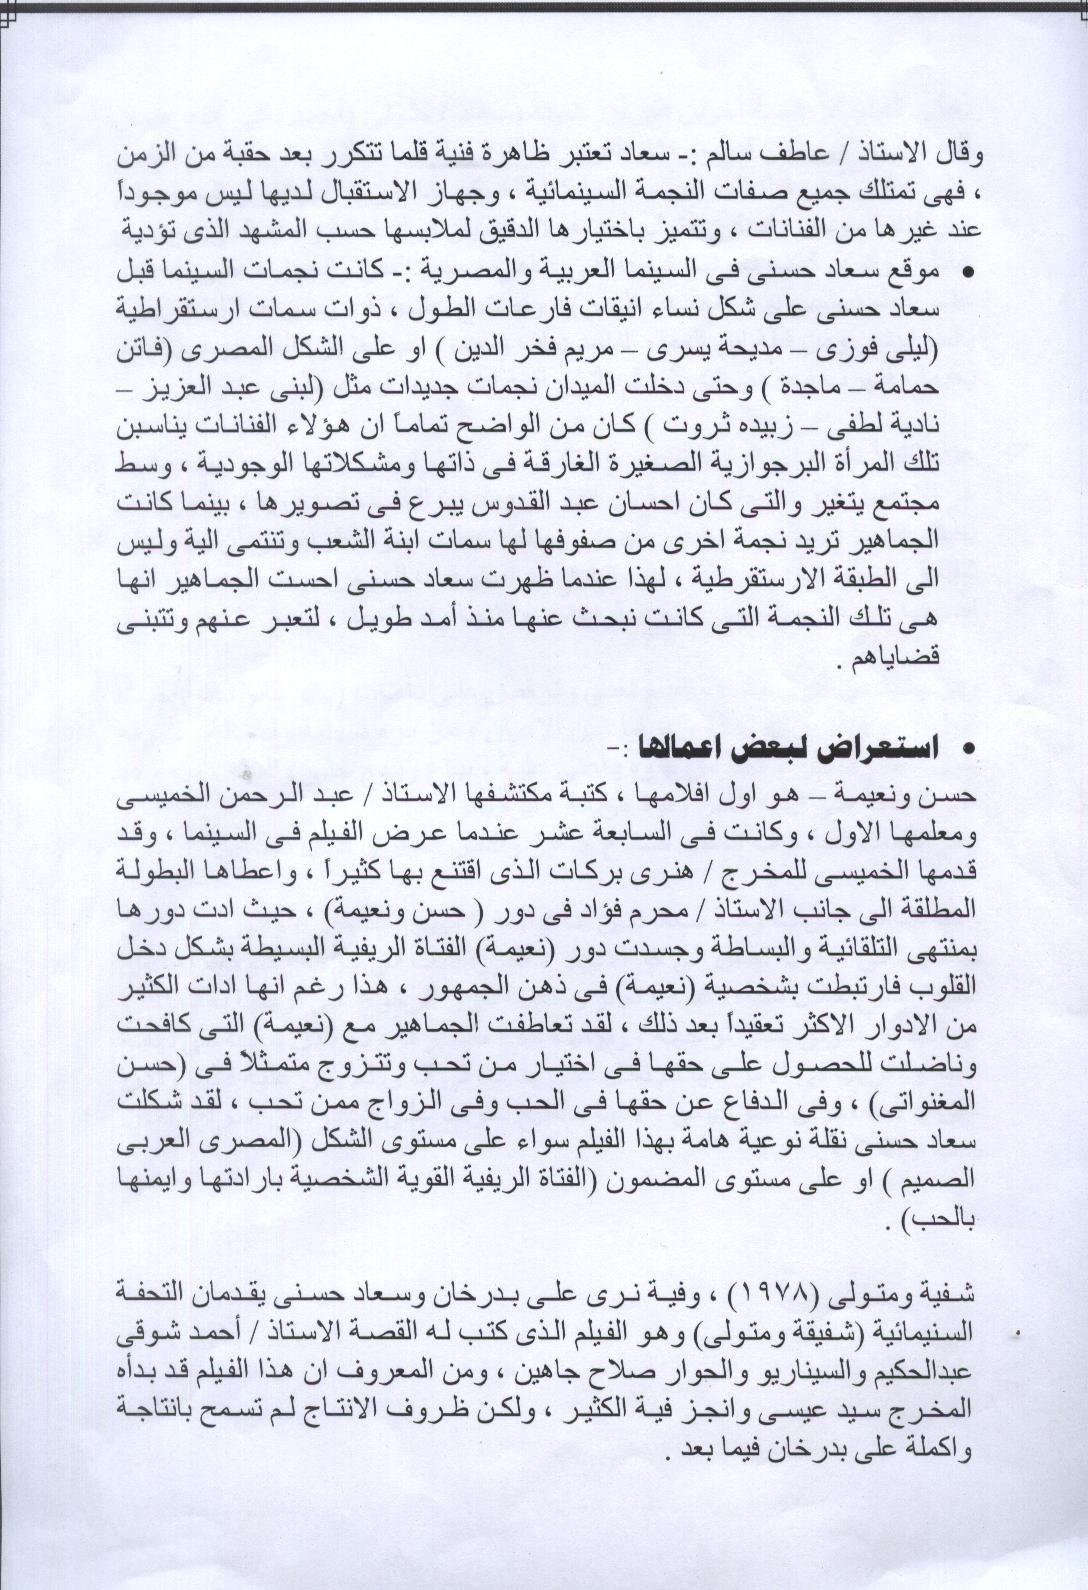 مقال - مقال صحفي : قصة حياة سعاد حسني .. مأخوذة من أحد الكتب 2006 (؟) م 14dikih